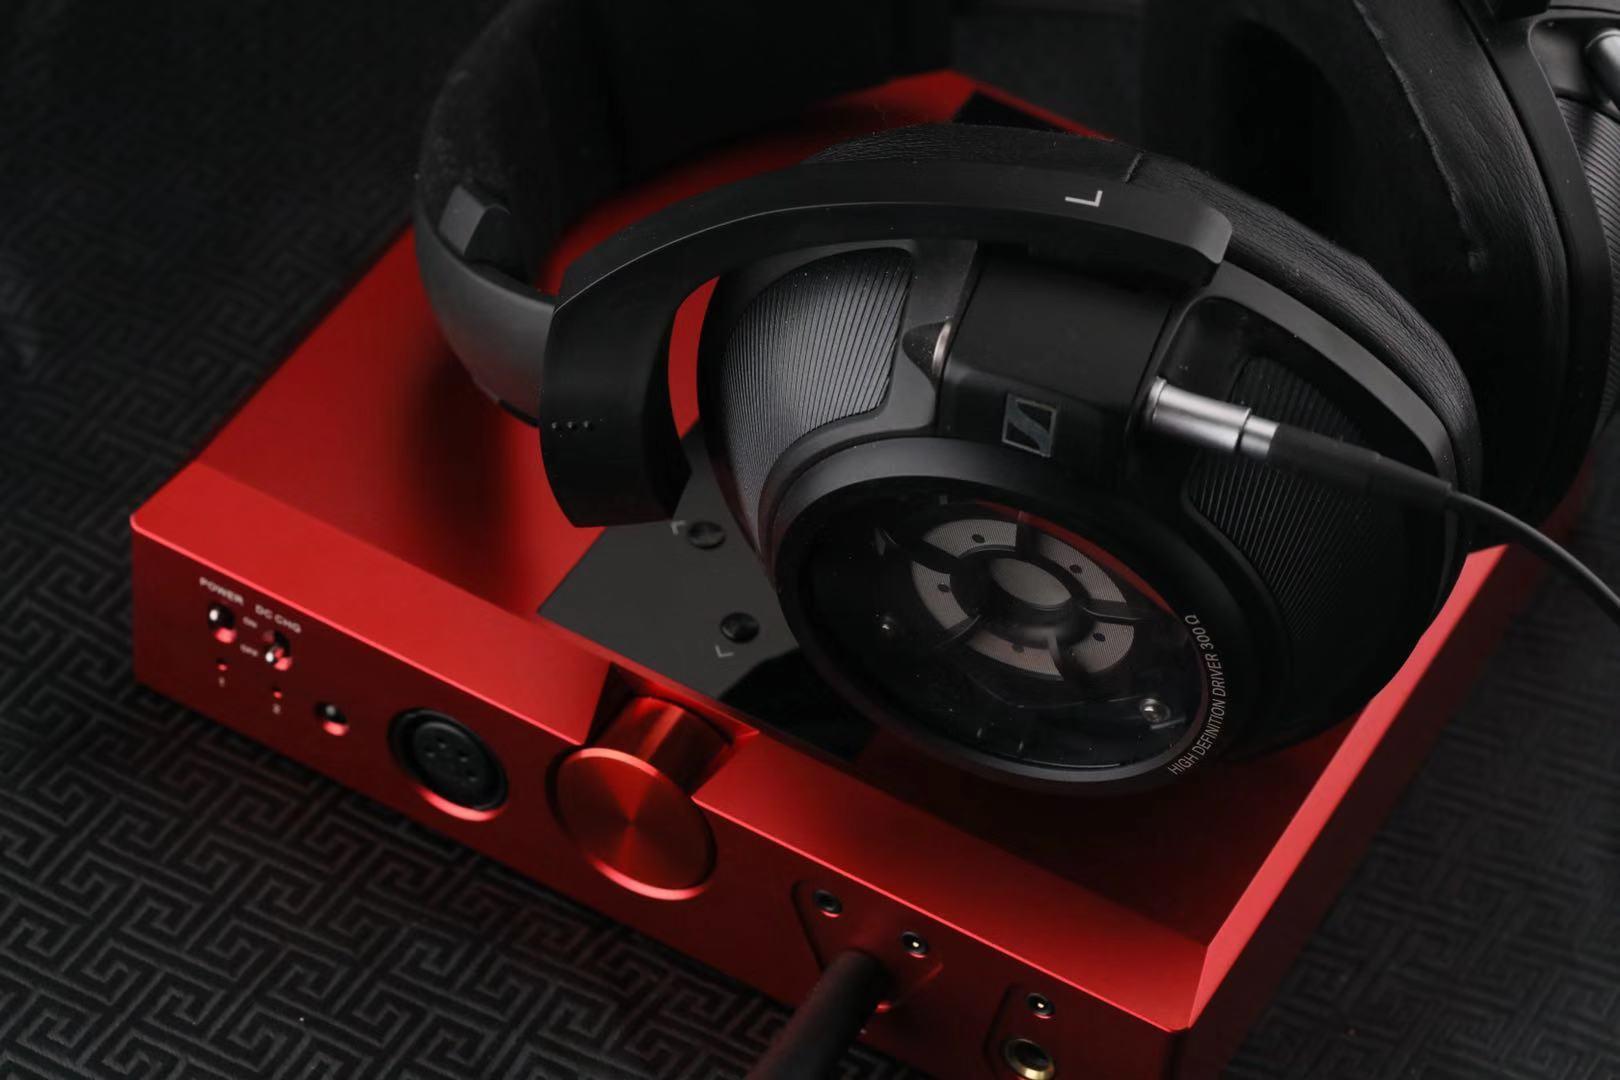 QA390纯净版固件发布, 只需要这样几步,声音还能更上一层楼